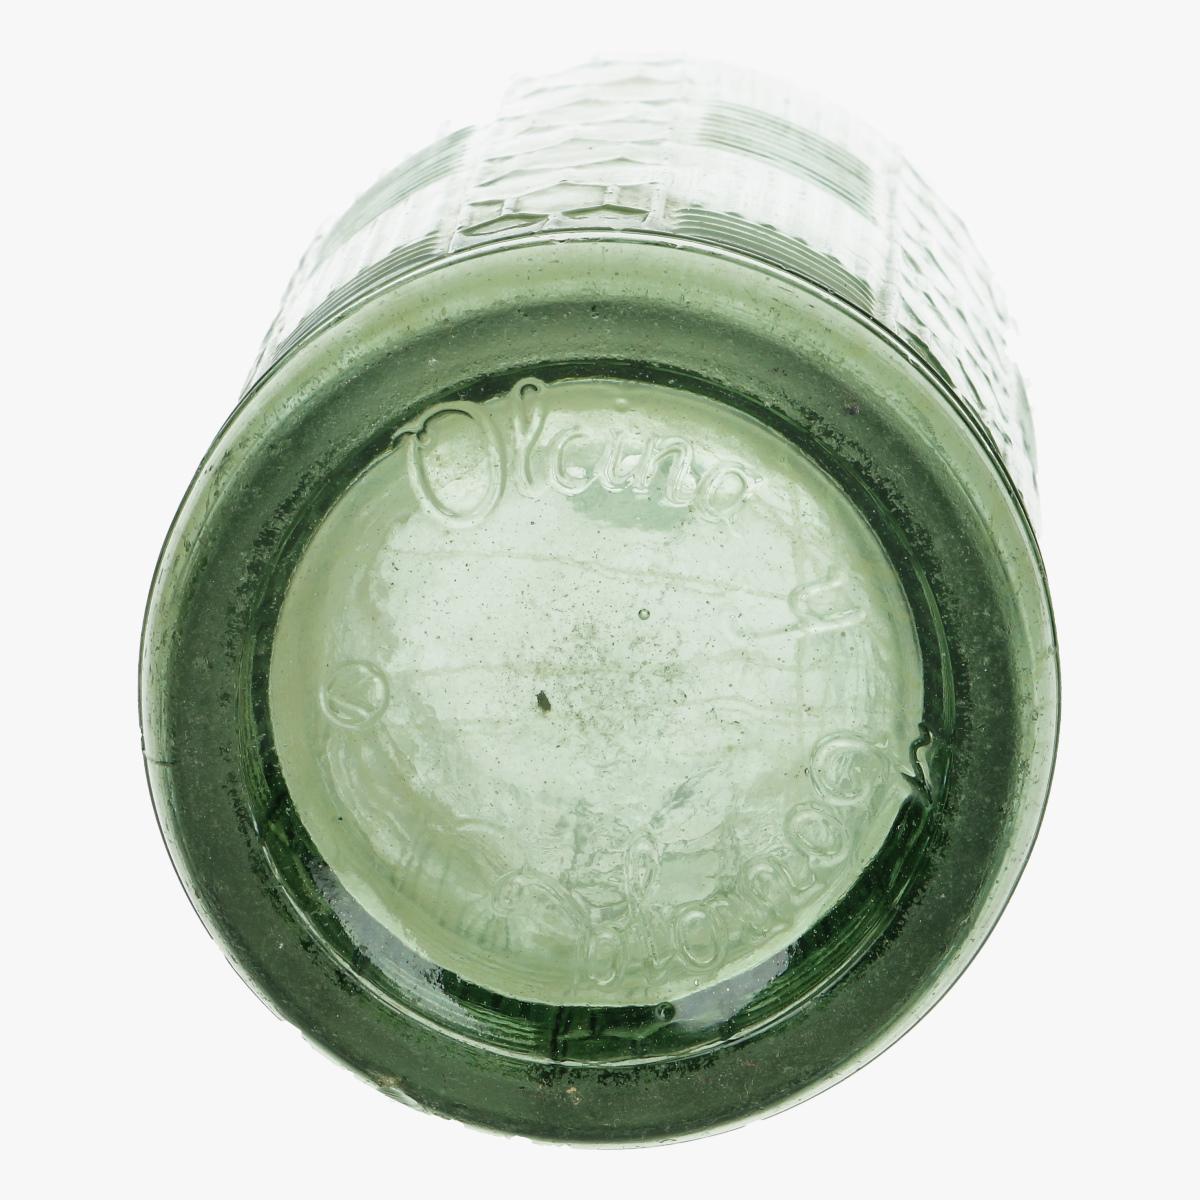 Afbeeldingen van oude soda fles carbonicas la mascota san F.de guixols